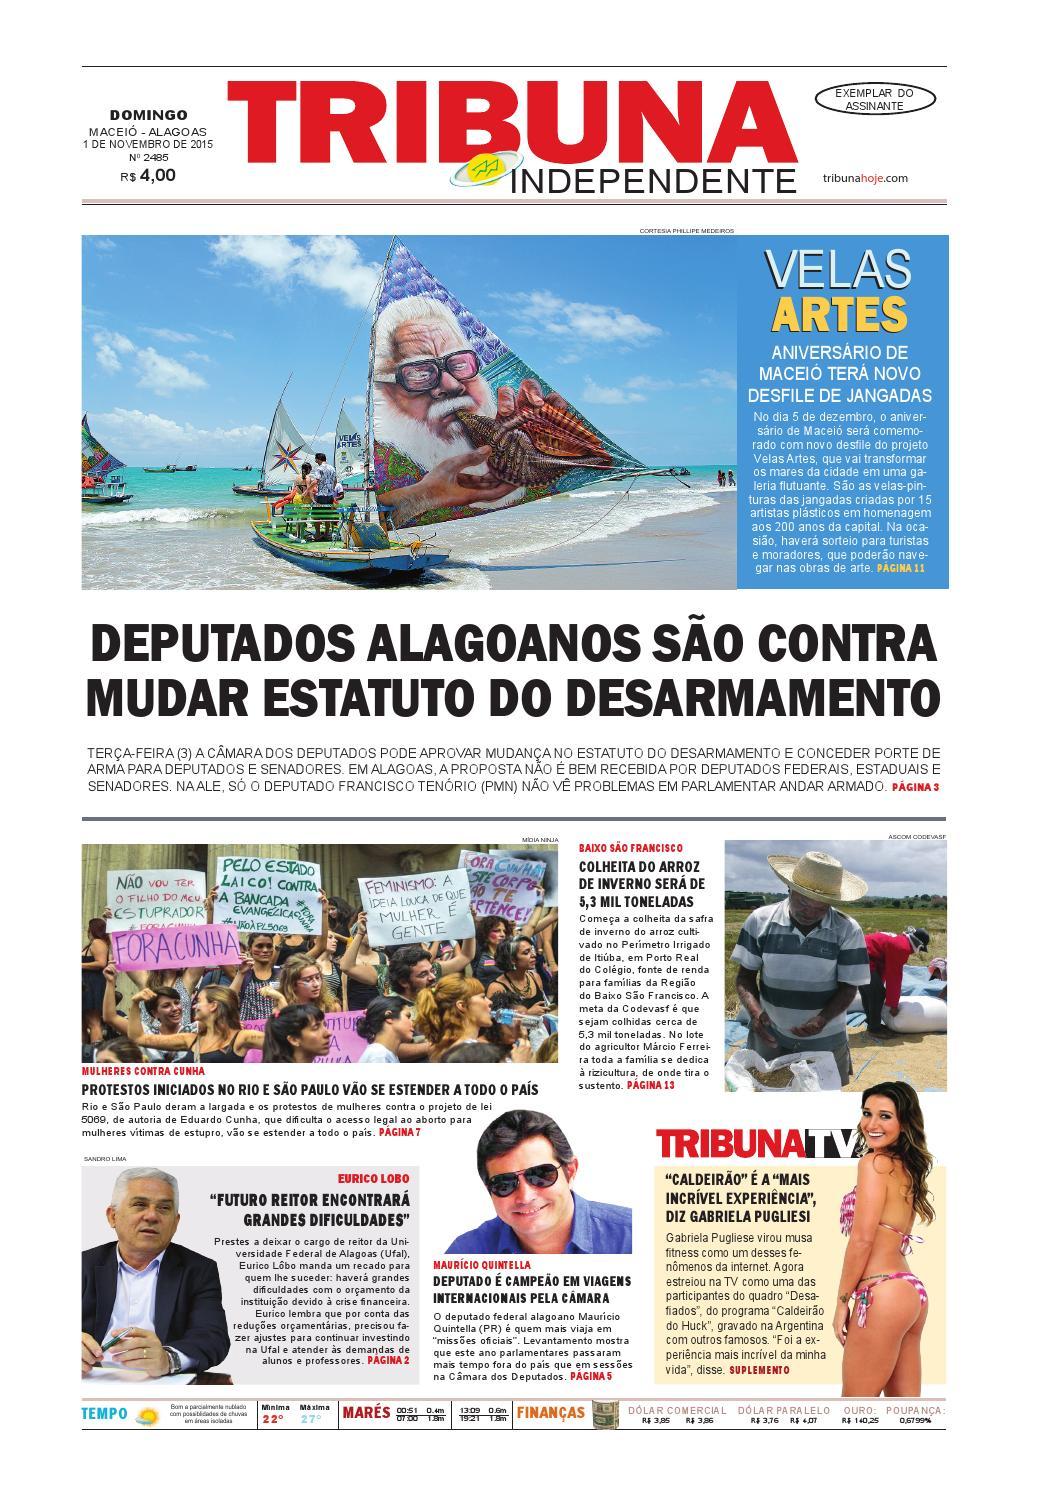 5f4f6b026 Edição número 2485 - 1º de novembro de 2015 by Tribuna Hoje - issuu